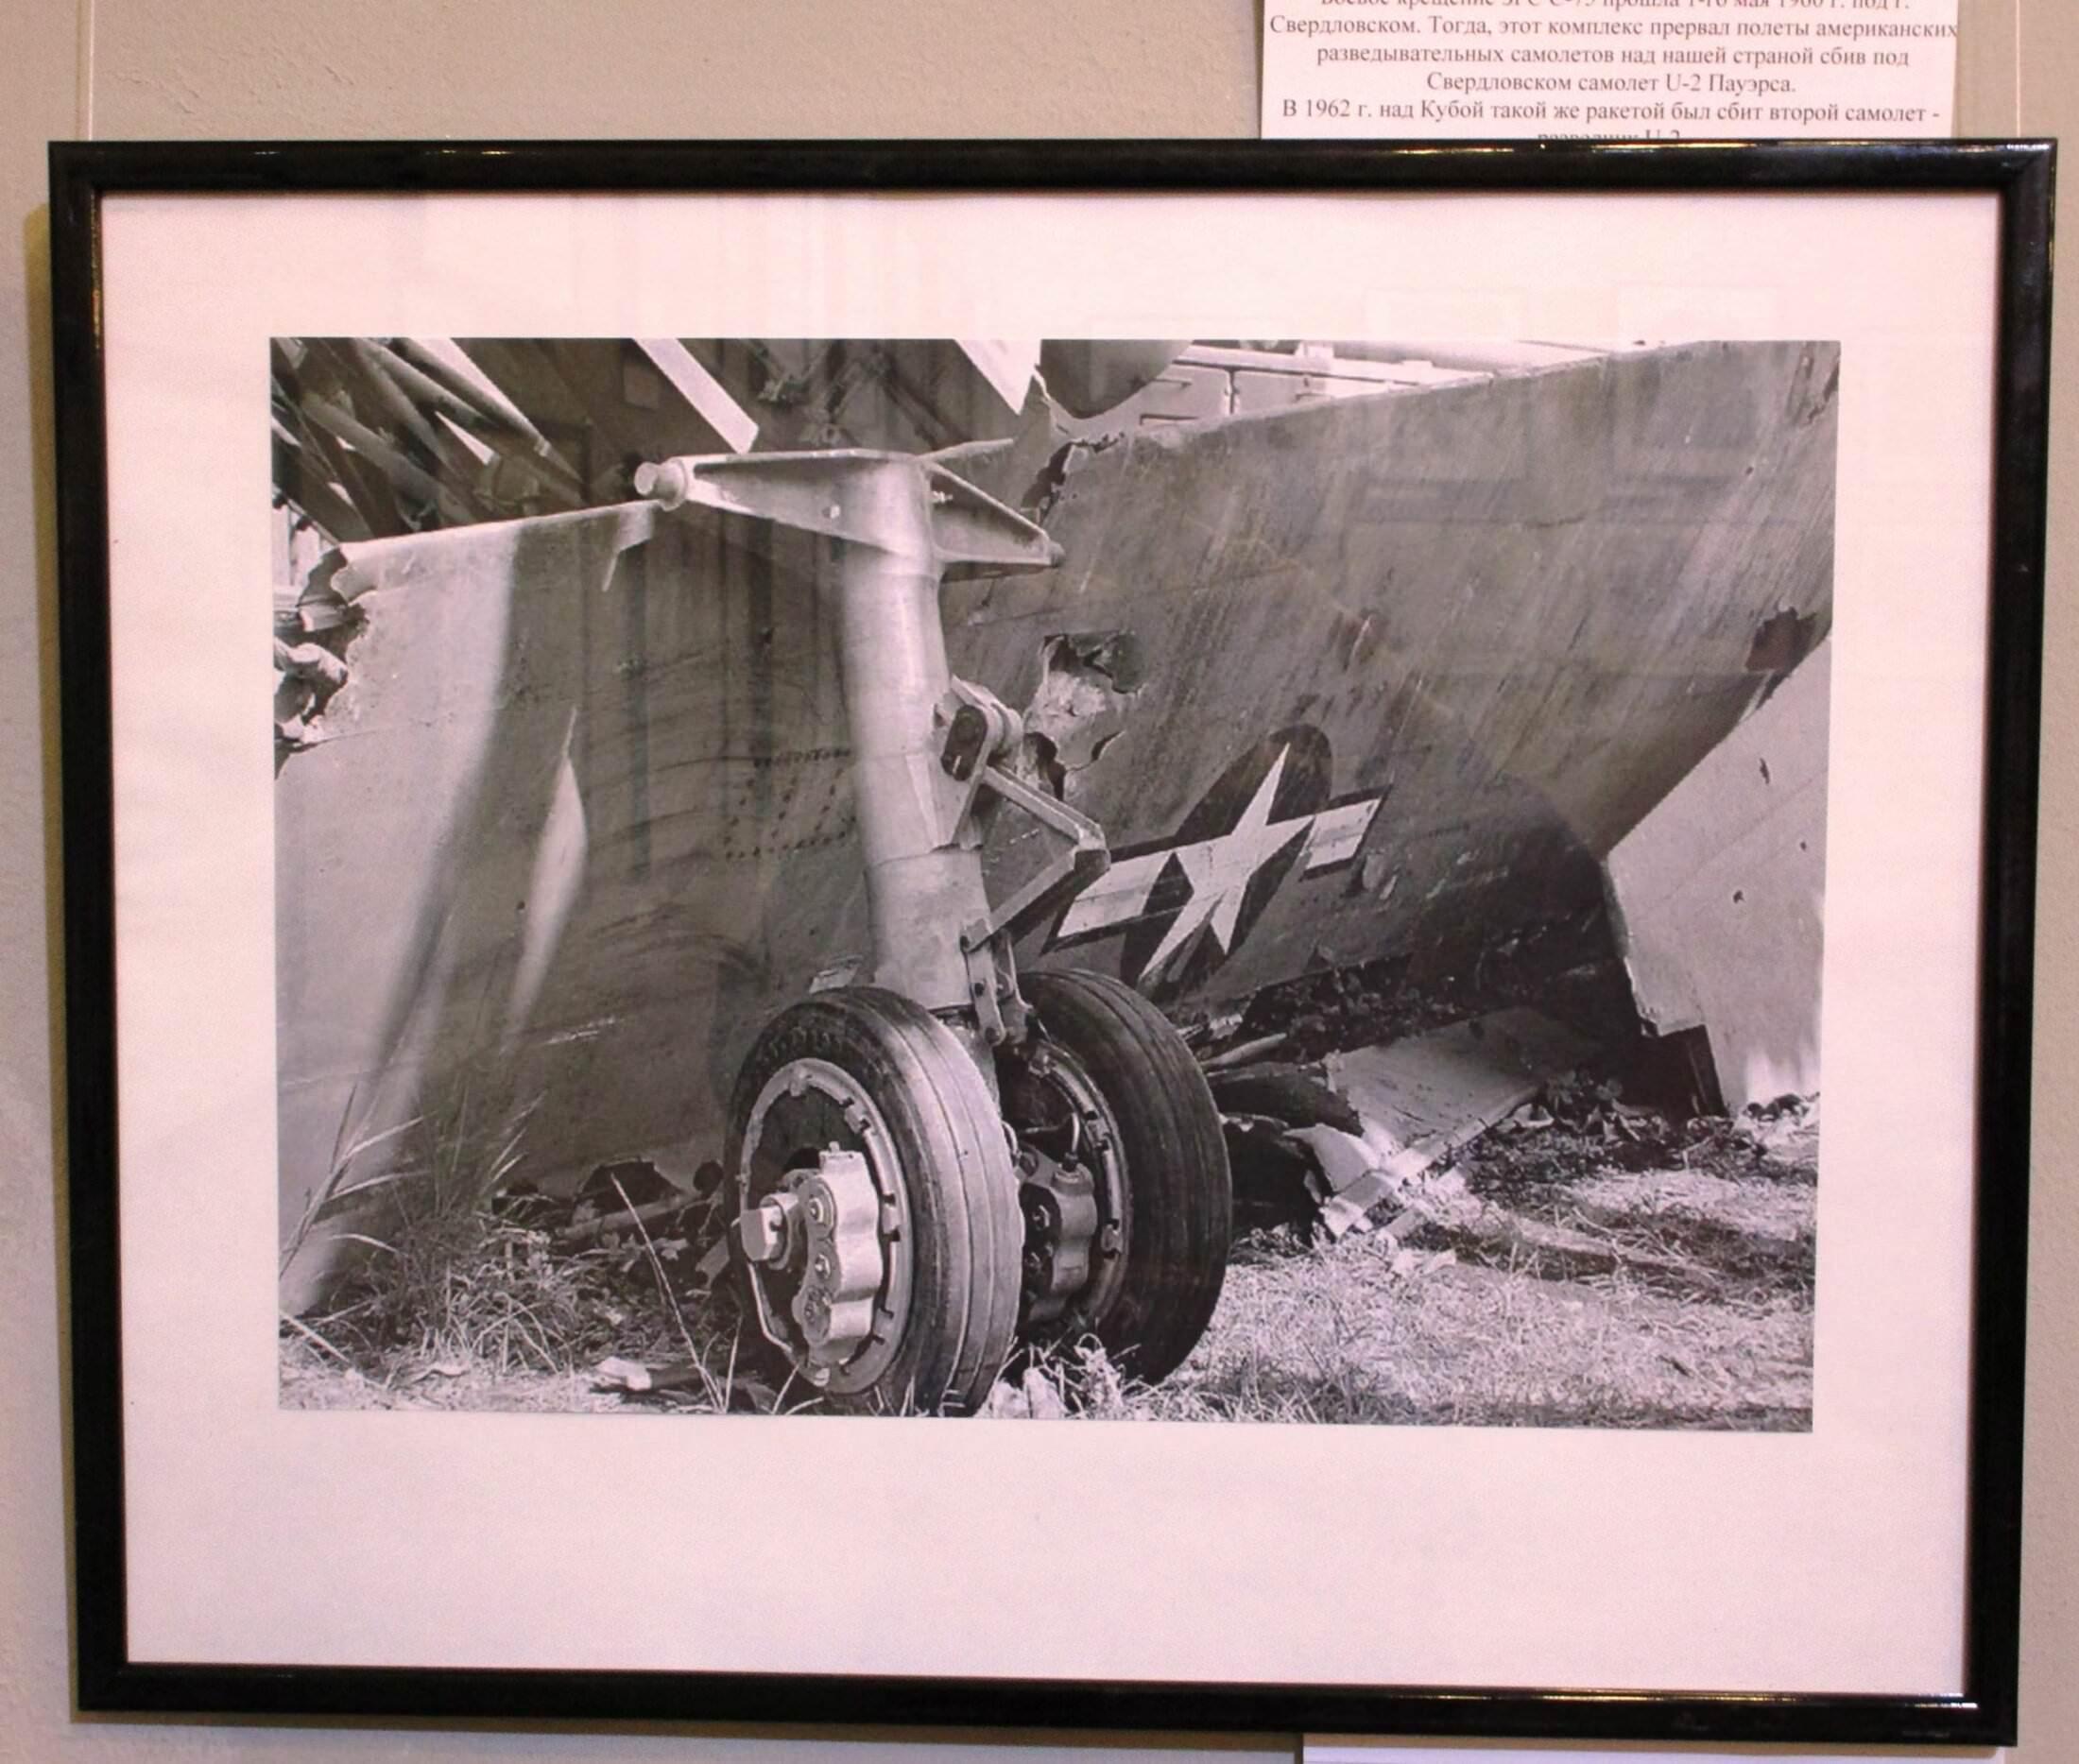 2016-10-27. Часть сбитого U-2 (но не над Кубой)